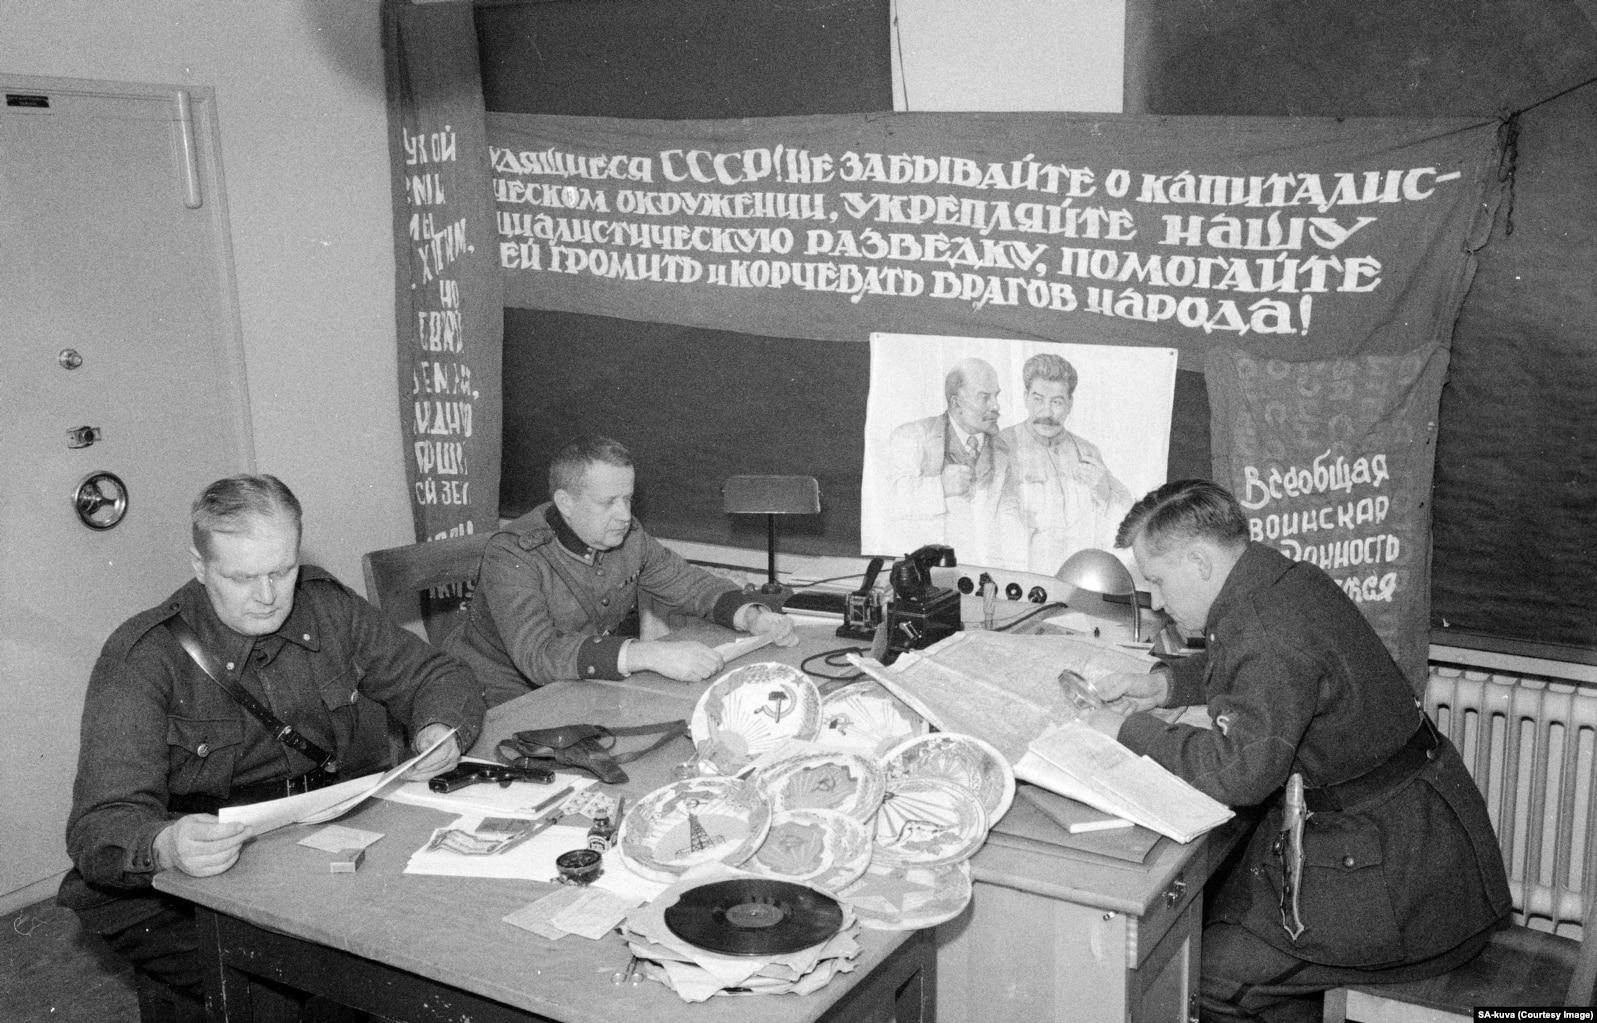 Фінські офіцери із захопленими радянськими пропагандистськими банерами, мапами, листами тощо